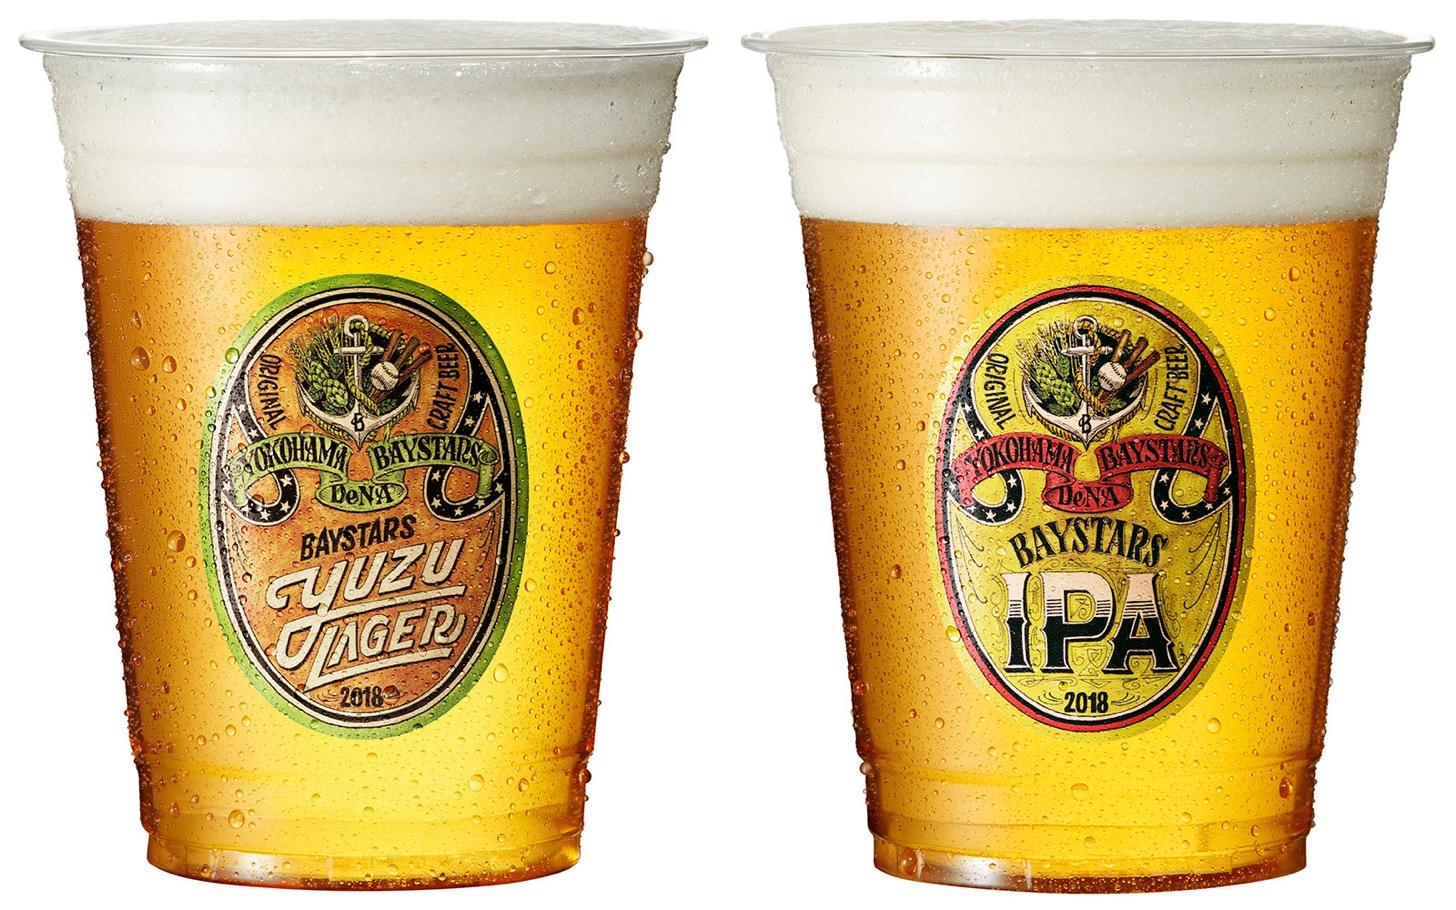 球団オリジナル醸造ビール 第三段